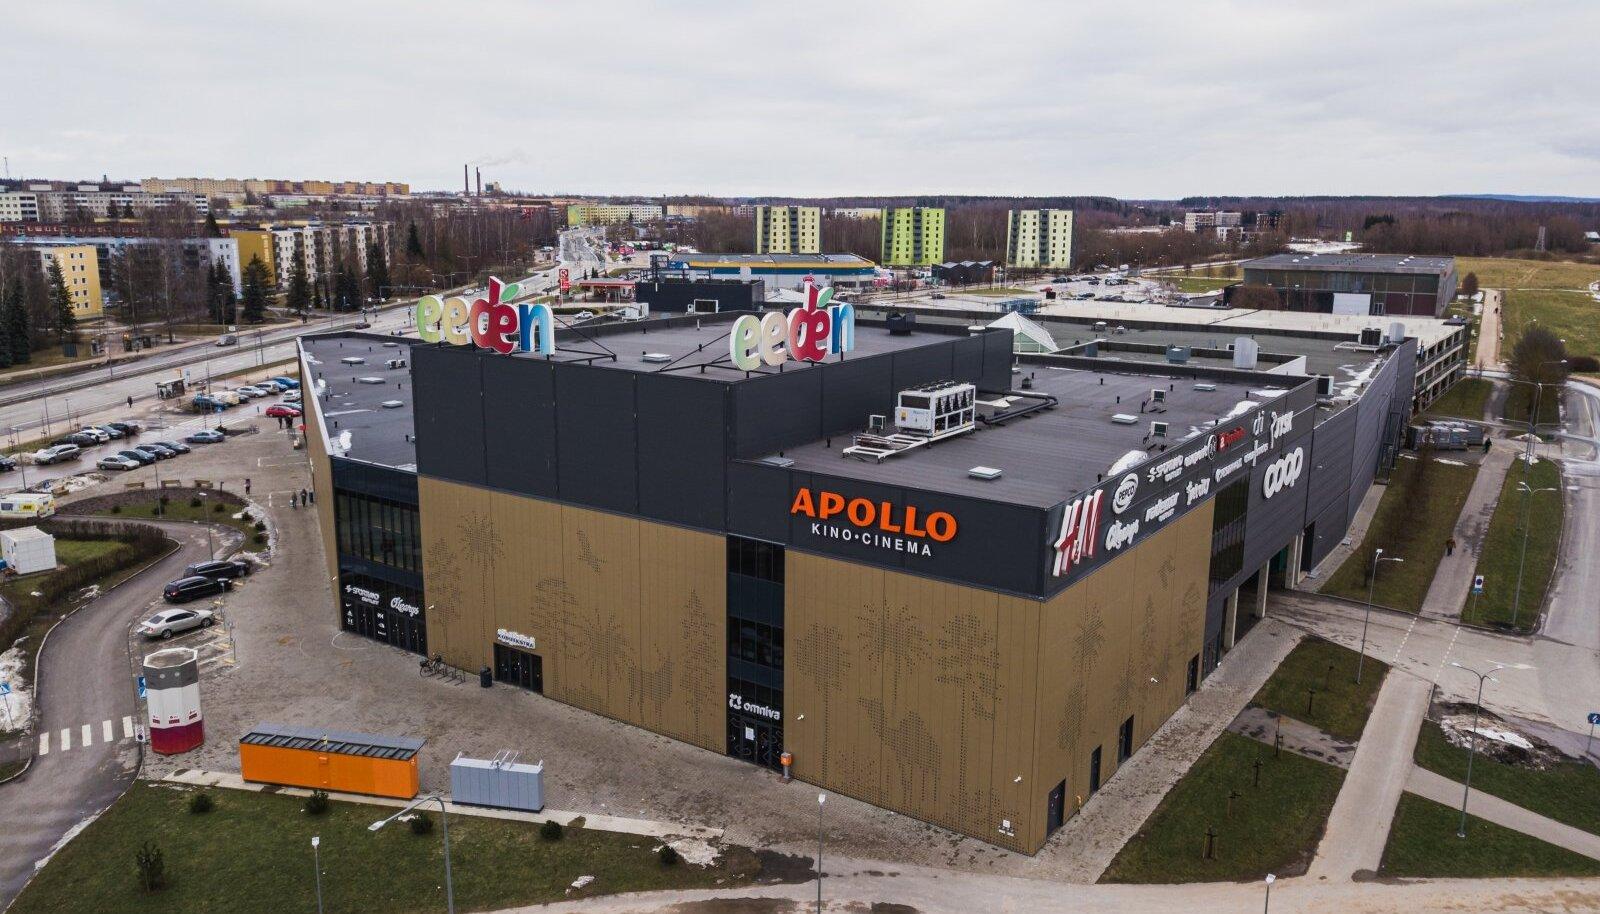 Eedeni laienduse üks osake peaks kuuluma Apollo Kino OÜ-le, kuid (nagu konkurent kahtlustas) pole tehingut lõpetatud.